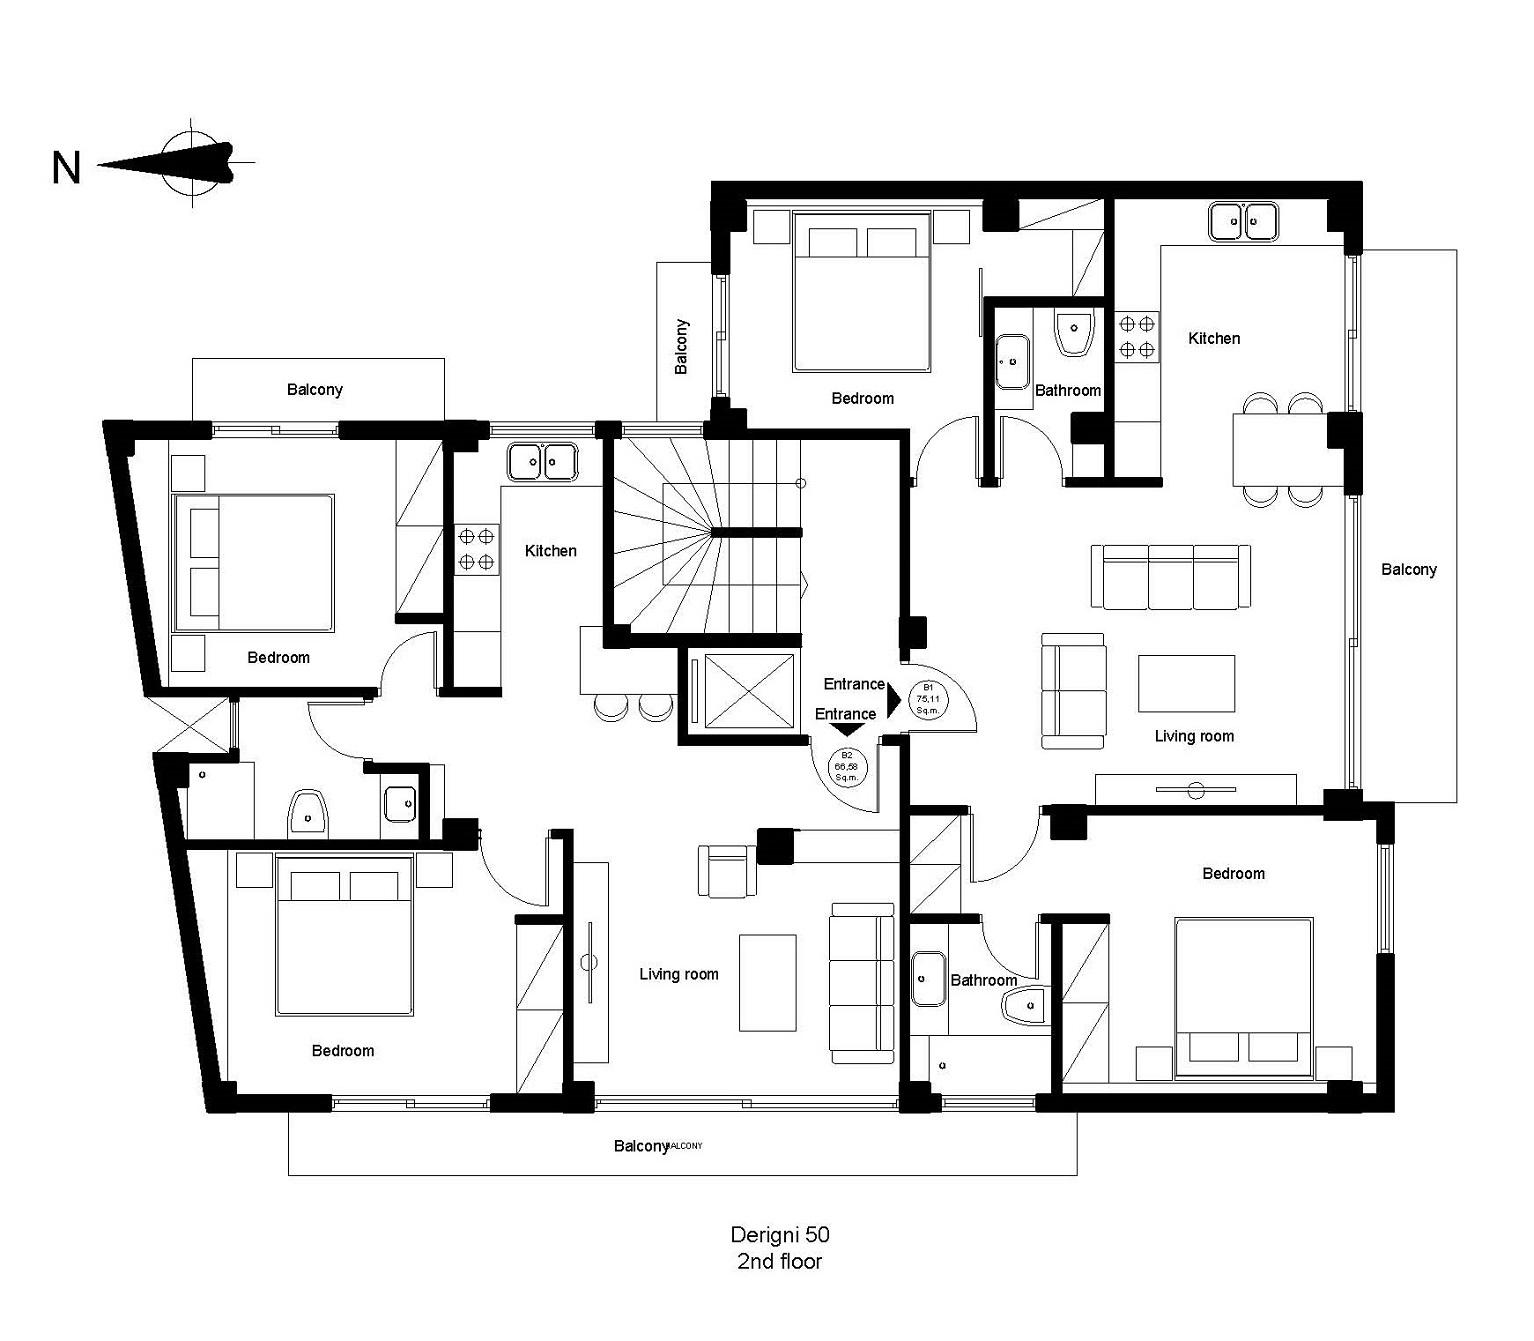 Derigni 50 2nd floor plan